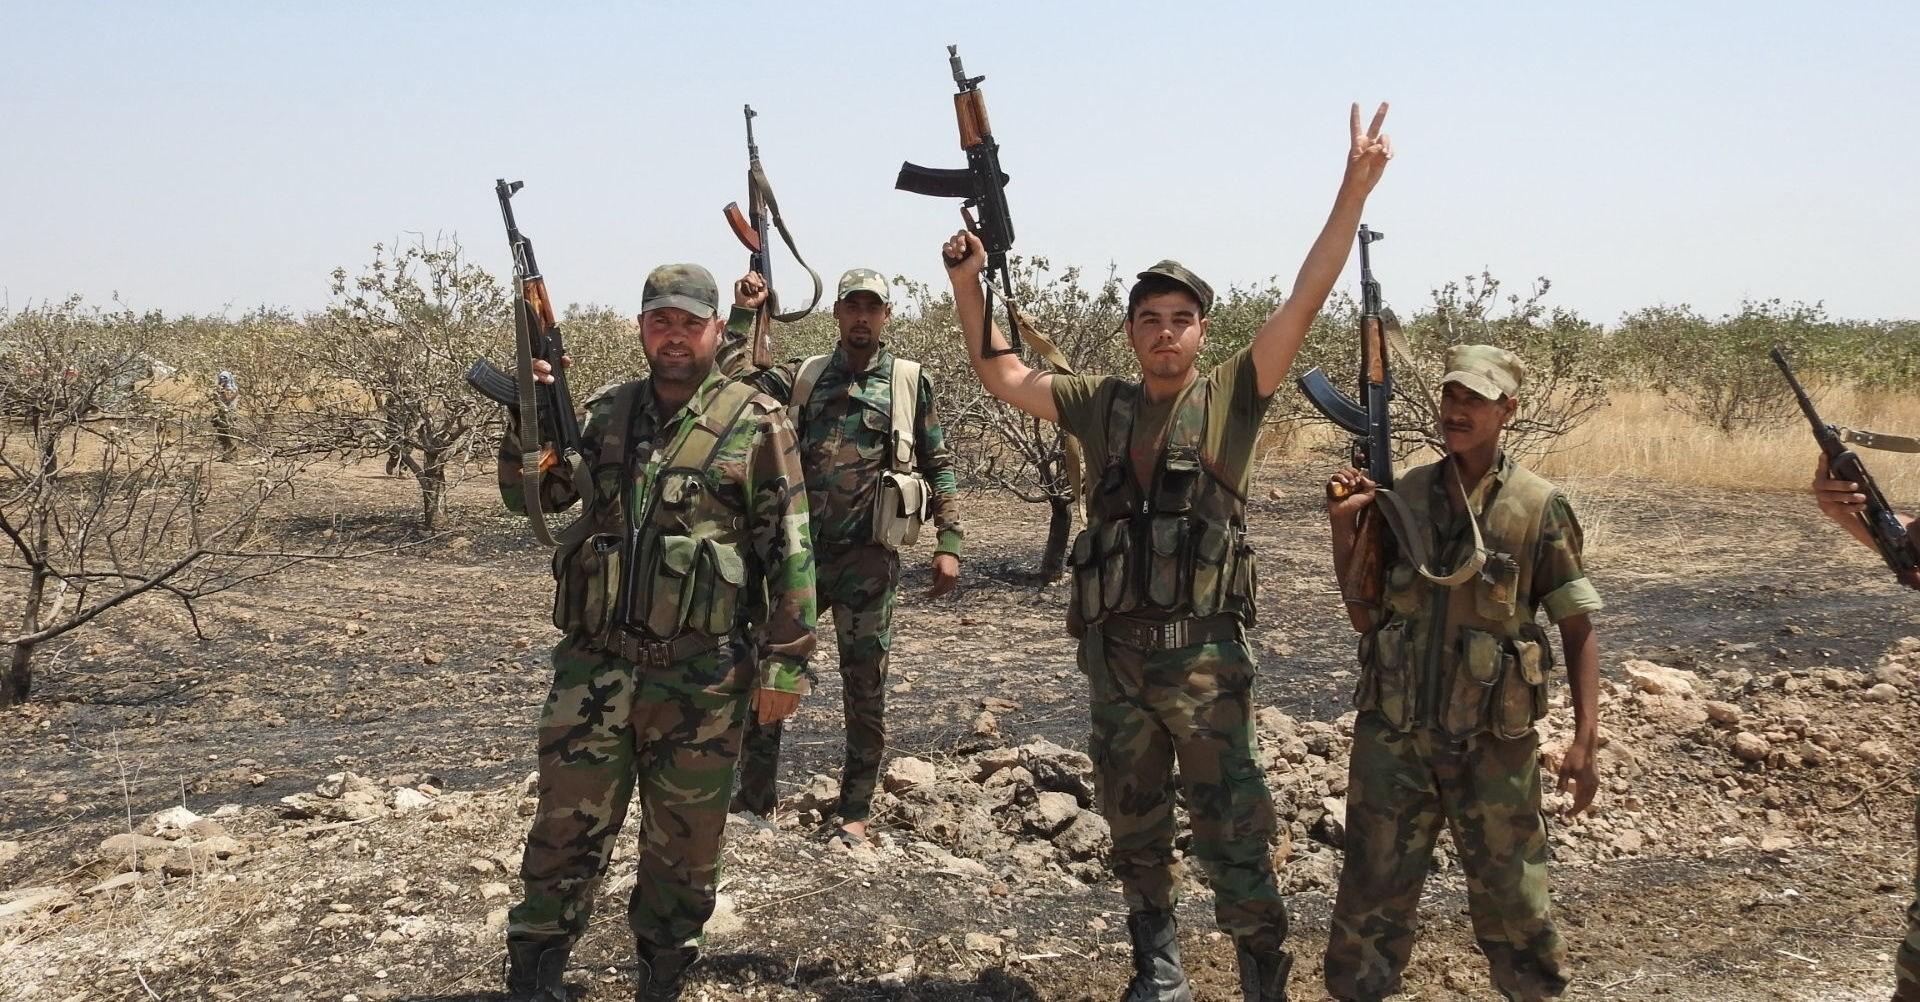 عناصر من الجيش السوري وأهالي قرية الكوزلية يعترضون رتلاً أميركياً